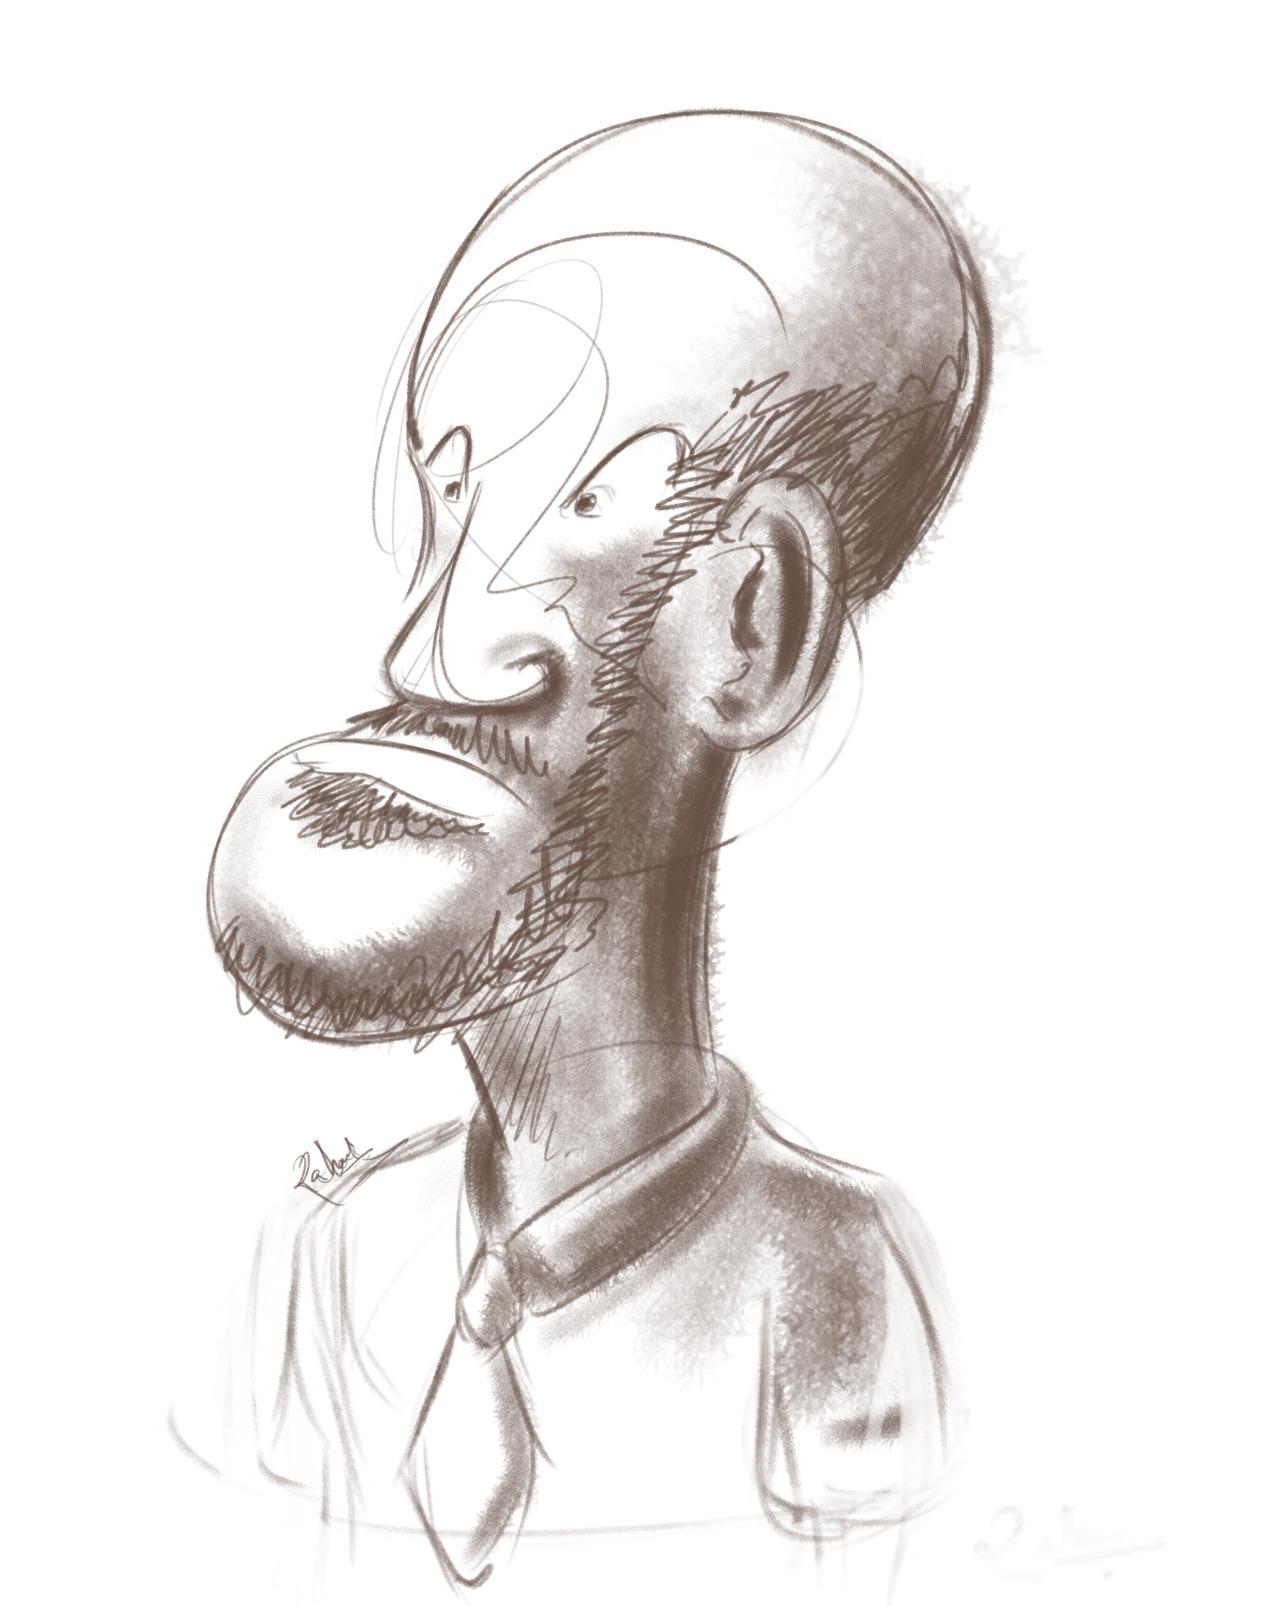 Caricature_Sketch.jpg